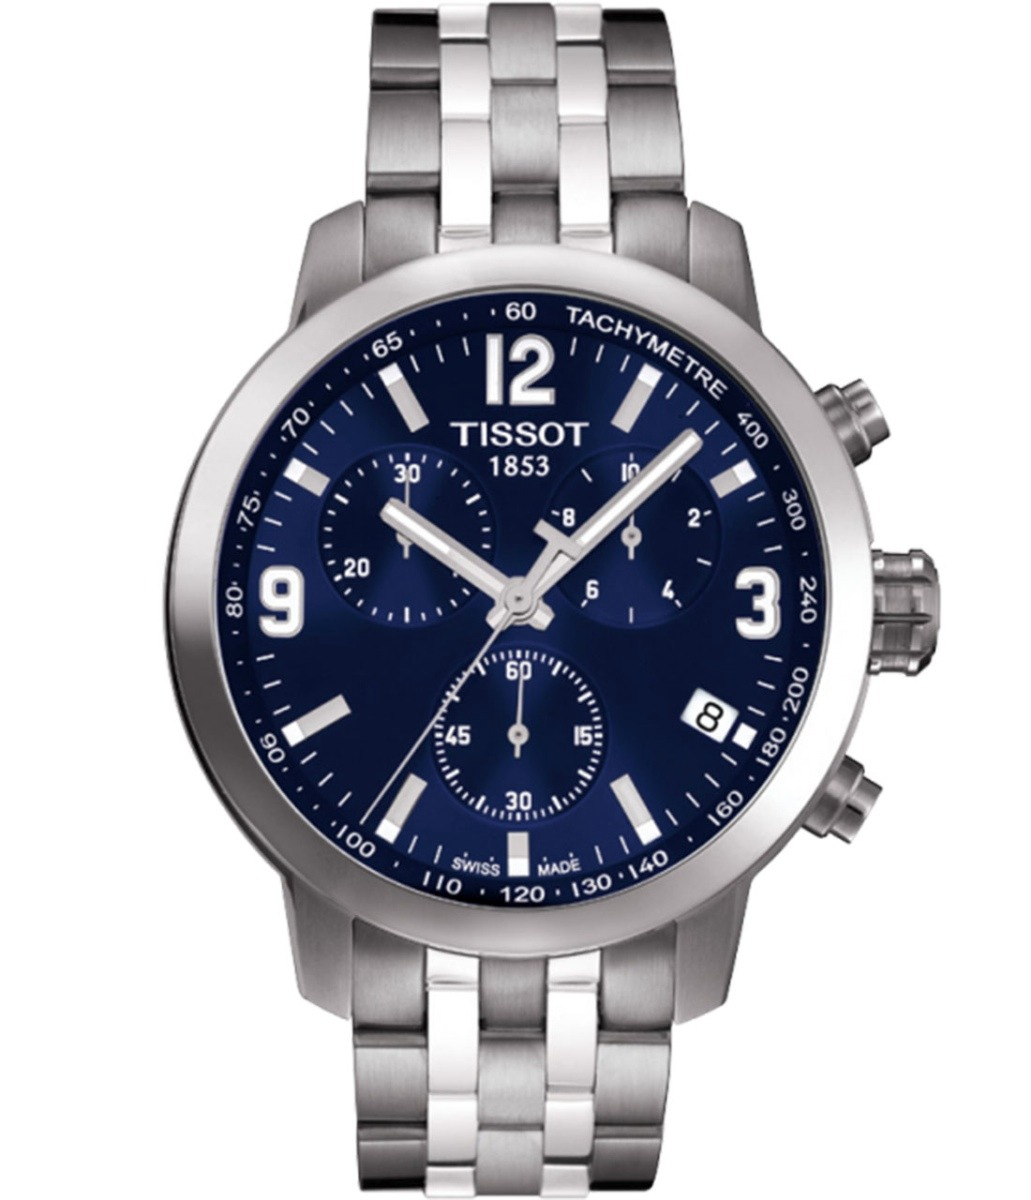 9d69a7a129c relógio tissot prc 200 t055.417.11.047.00 azul novo aço. Carregando zoom.